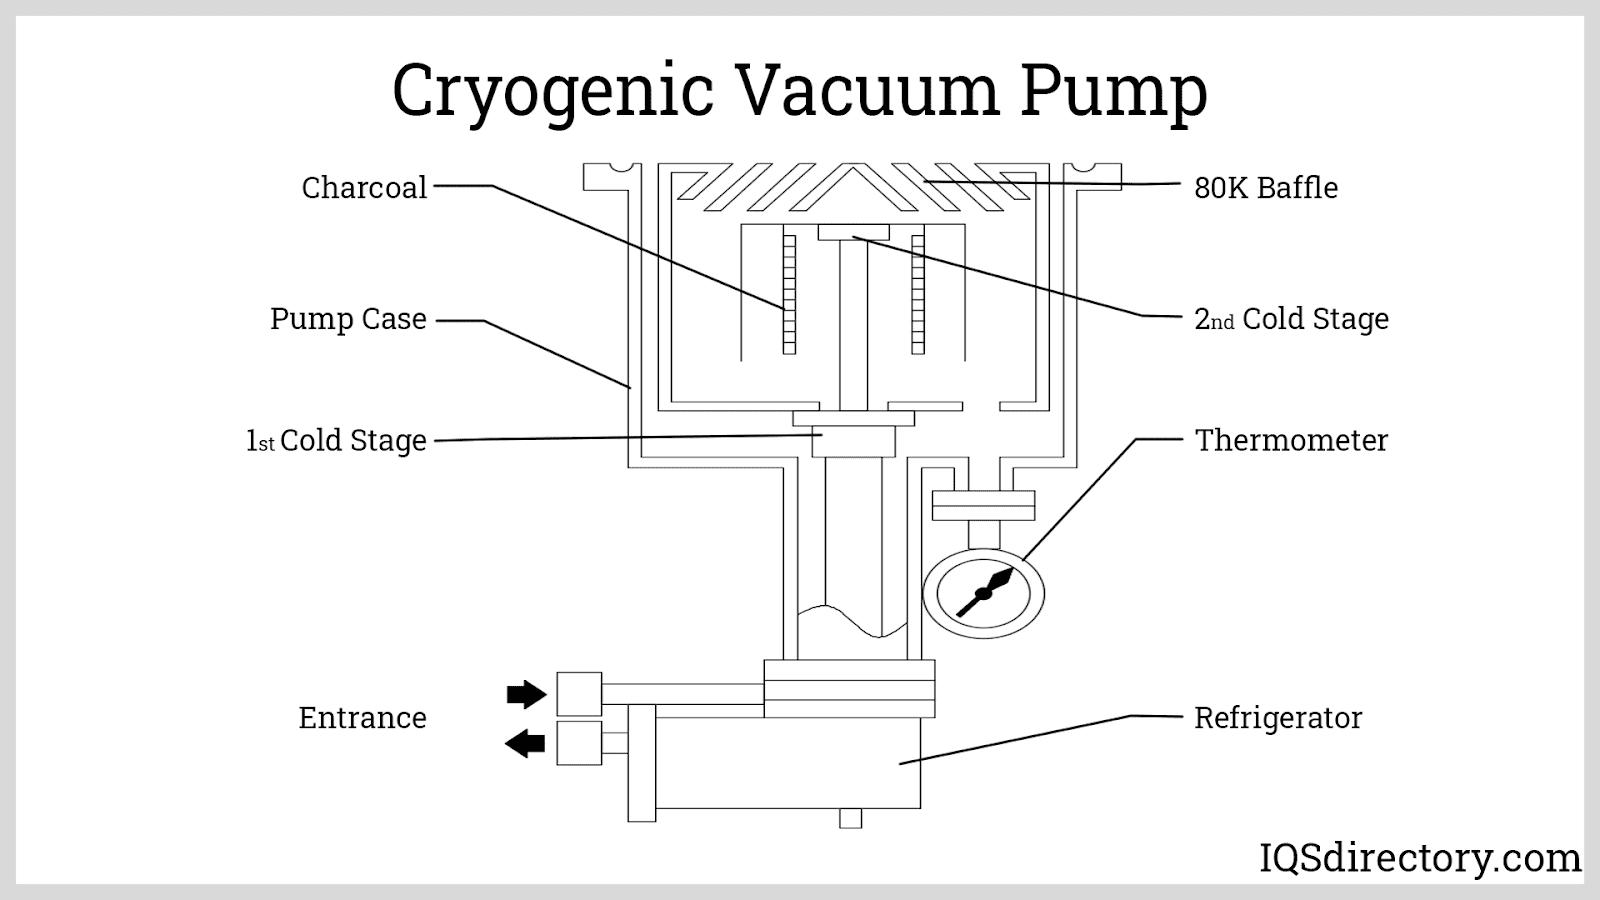 Cryogenic Vacuum Pump